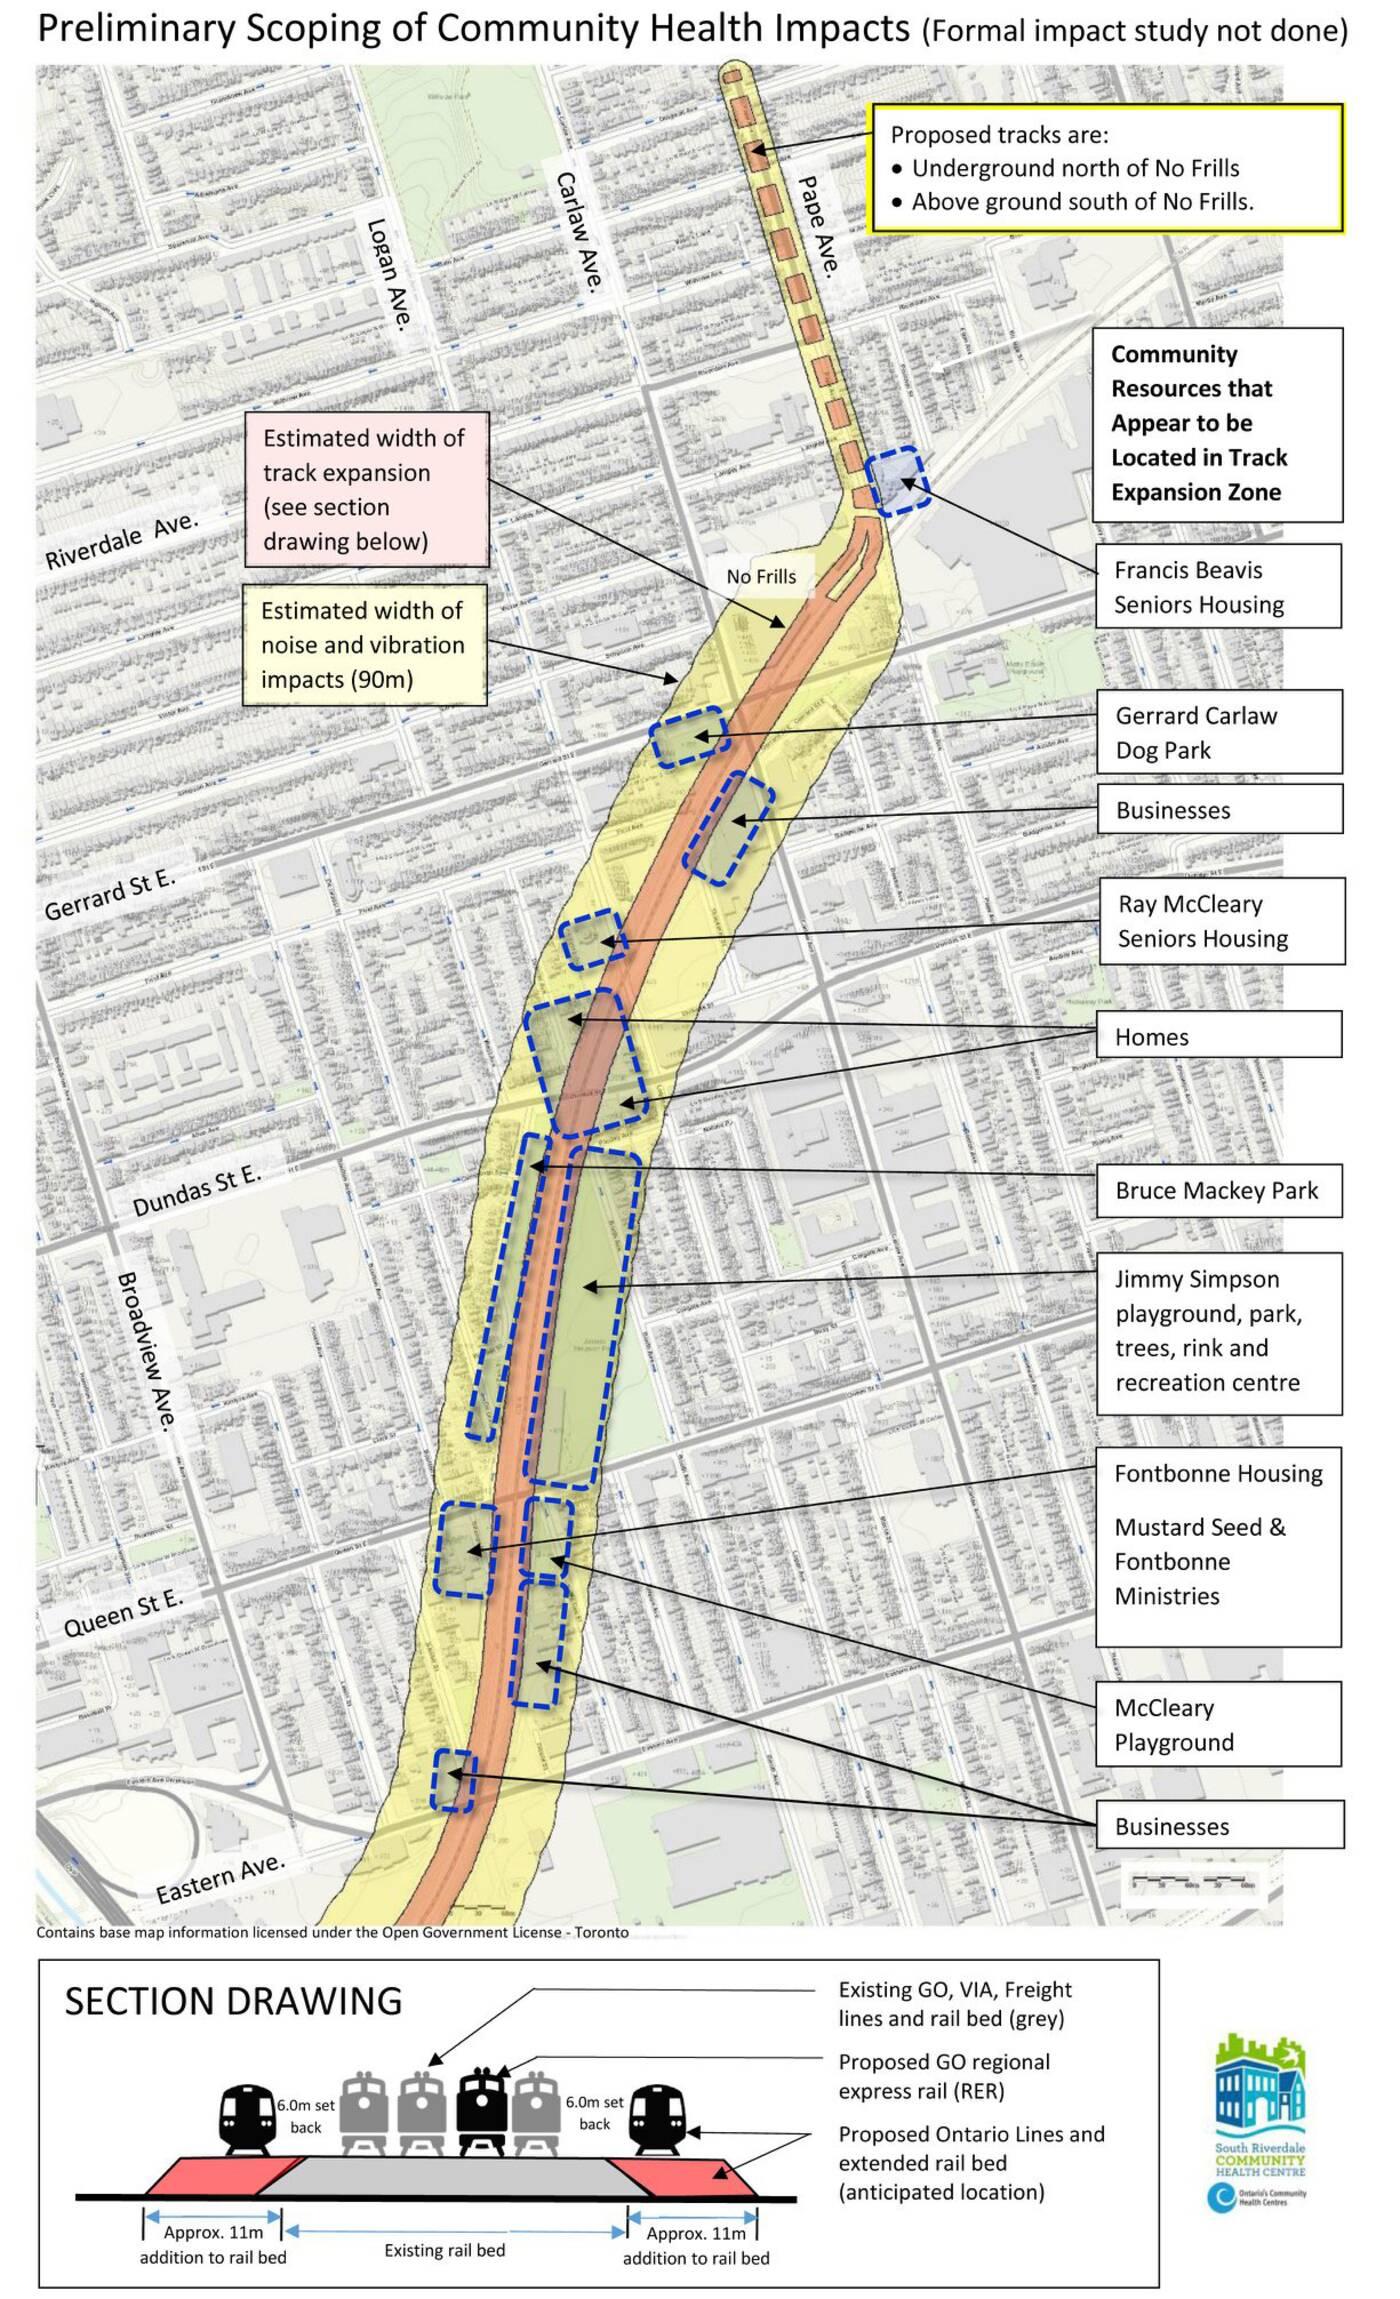 オンタリオ線地図